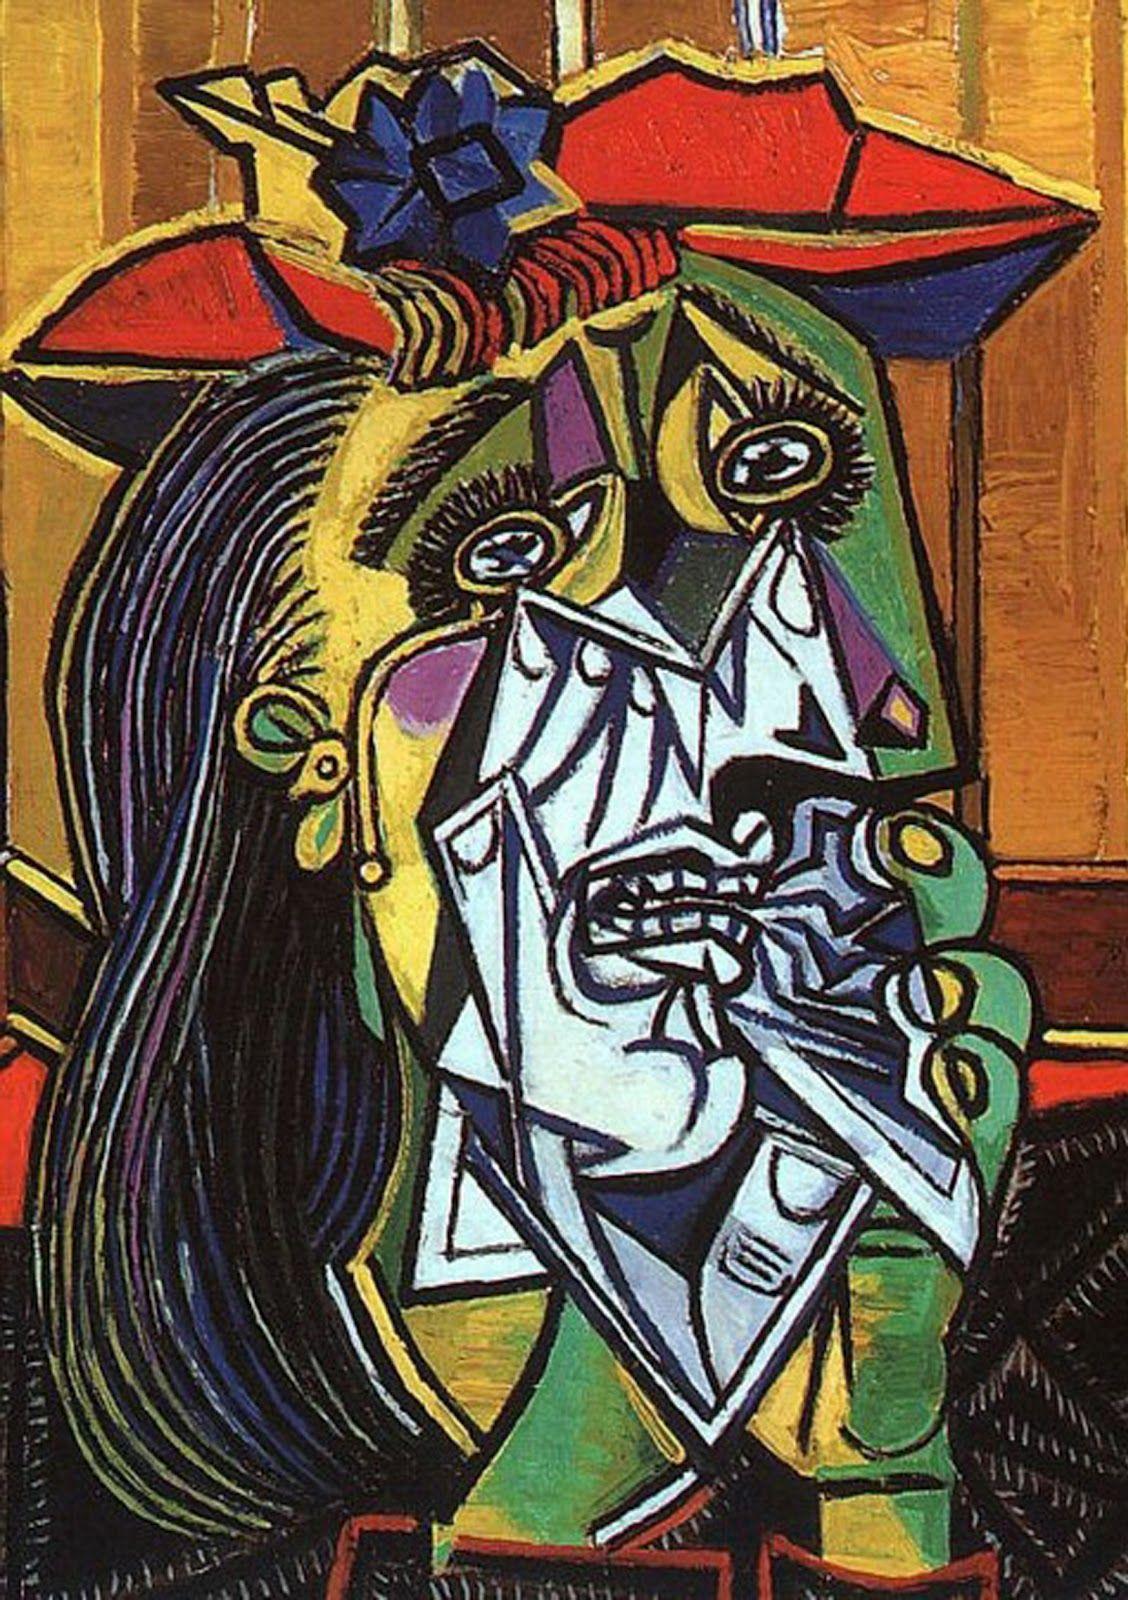 Picasso- Cubismo- La Mujer Llorando | Arte de picasso, Pinturas de picasso, Artistas